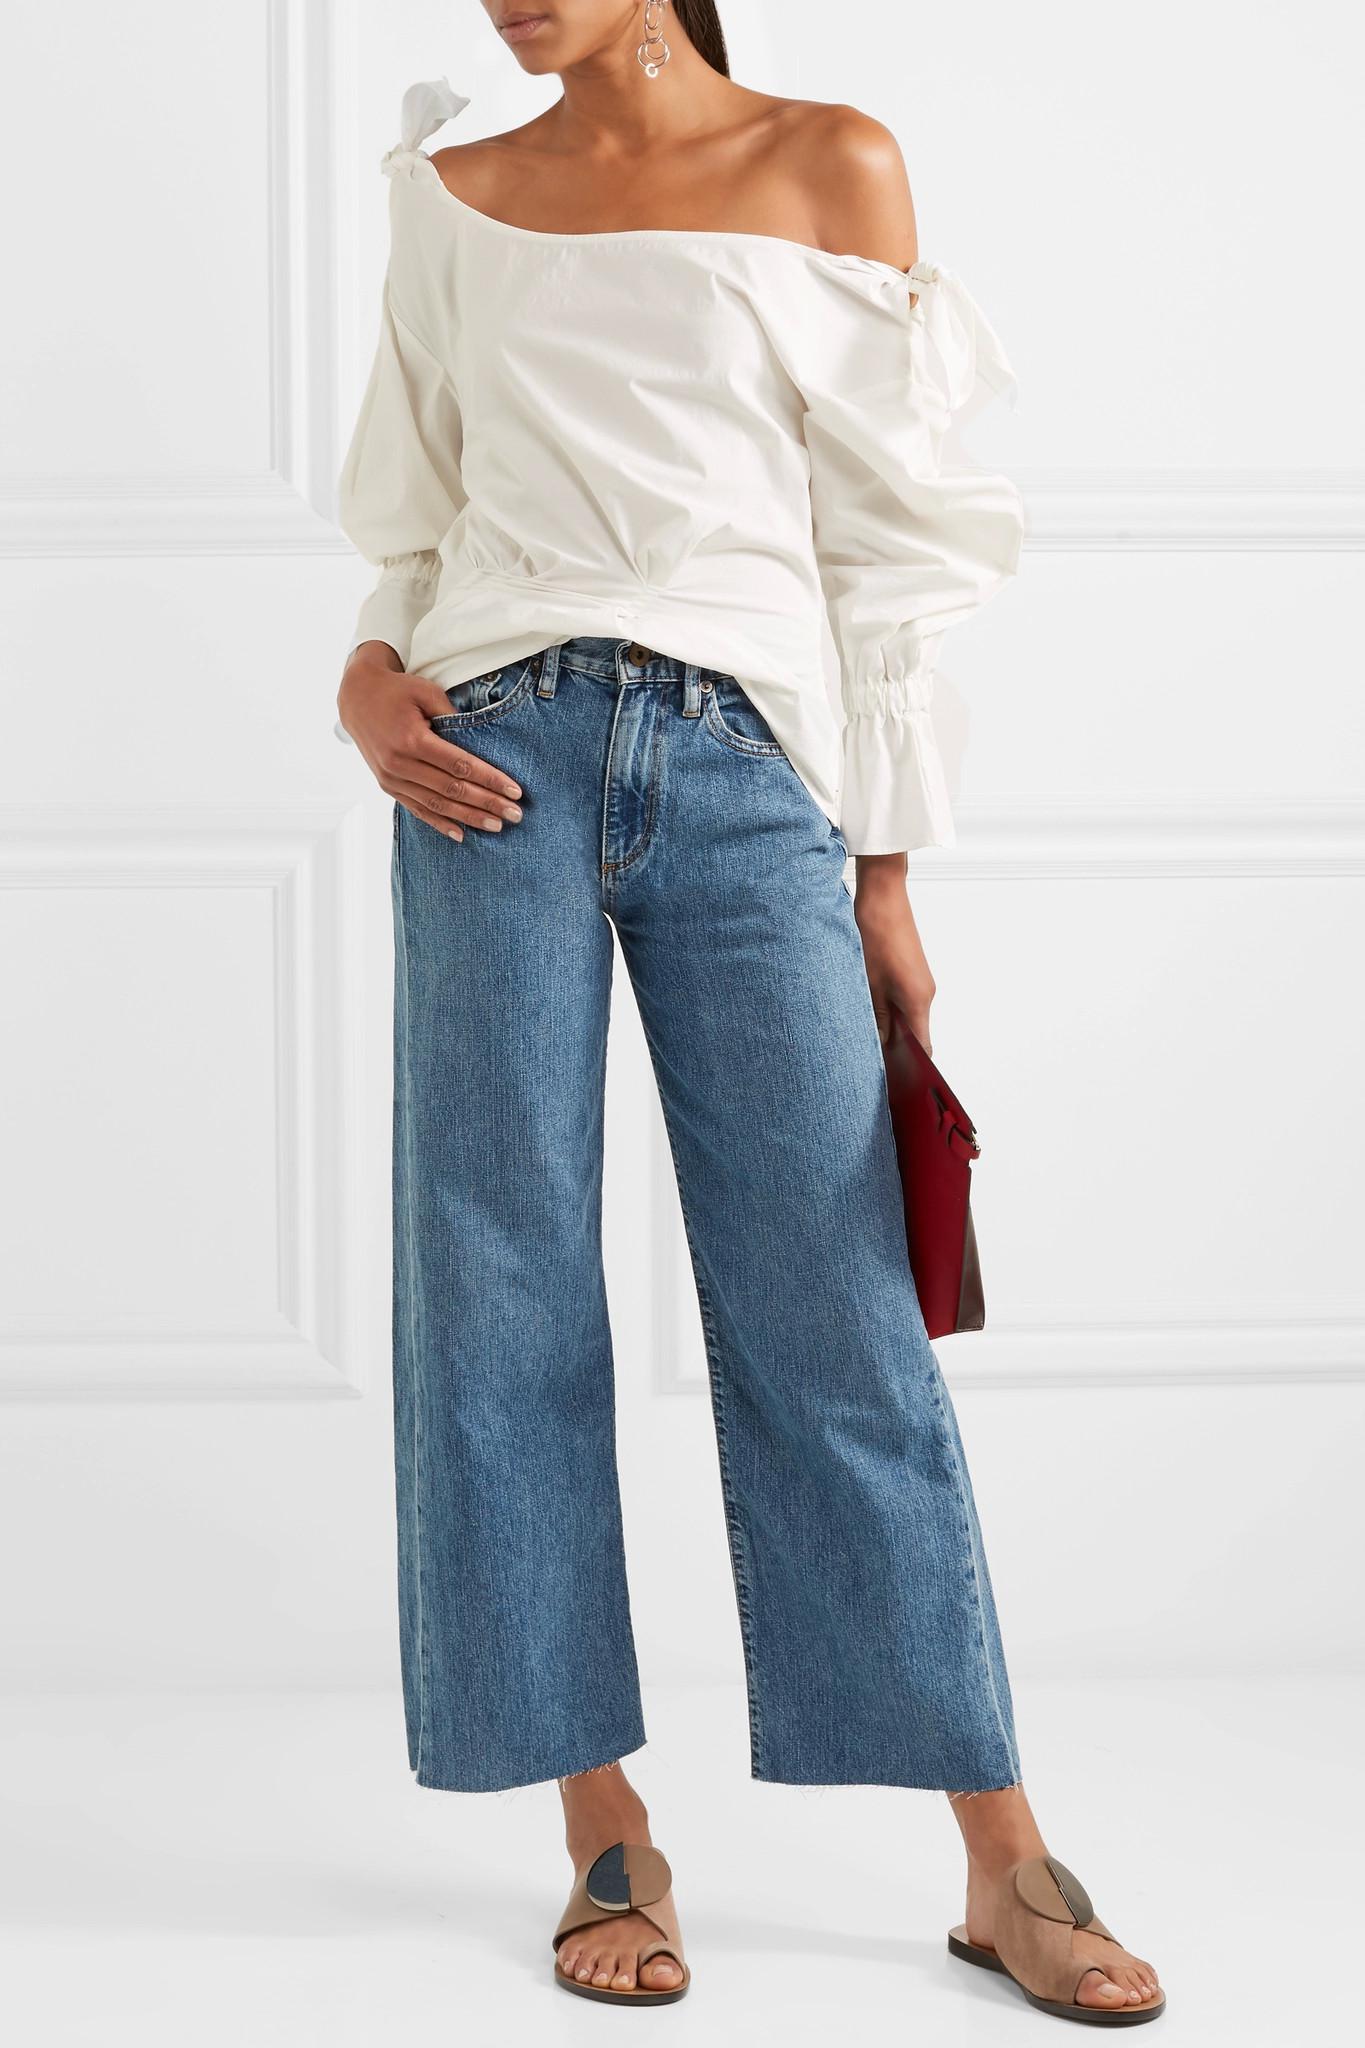 W006 Marlo Grande Hauteur Des Jeans À Jambes Larges - Mi Denim Simon Miller GCmYbm2ktP